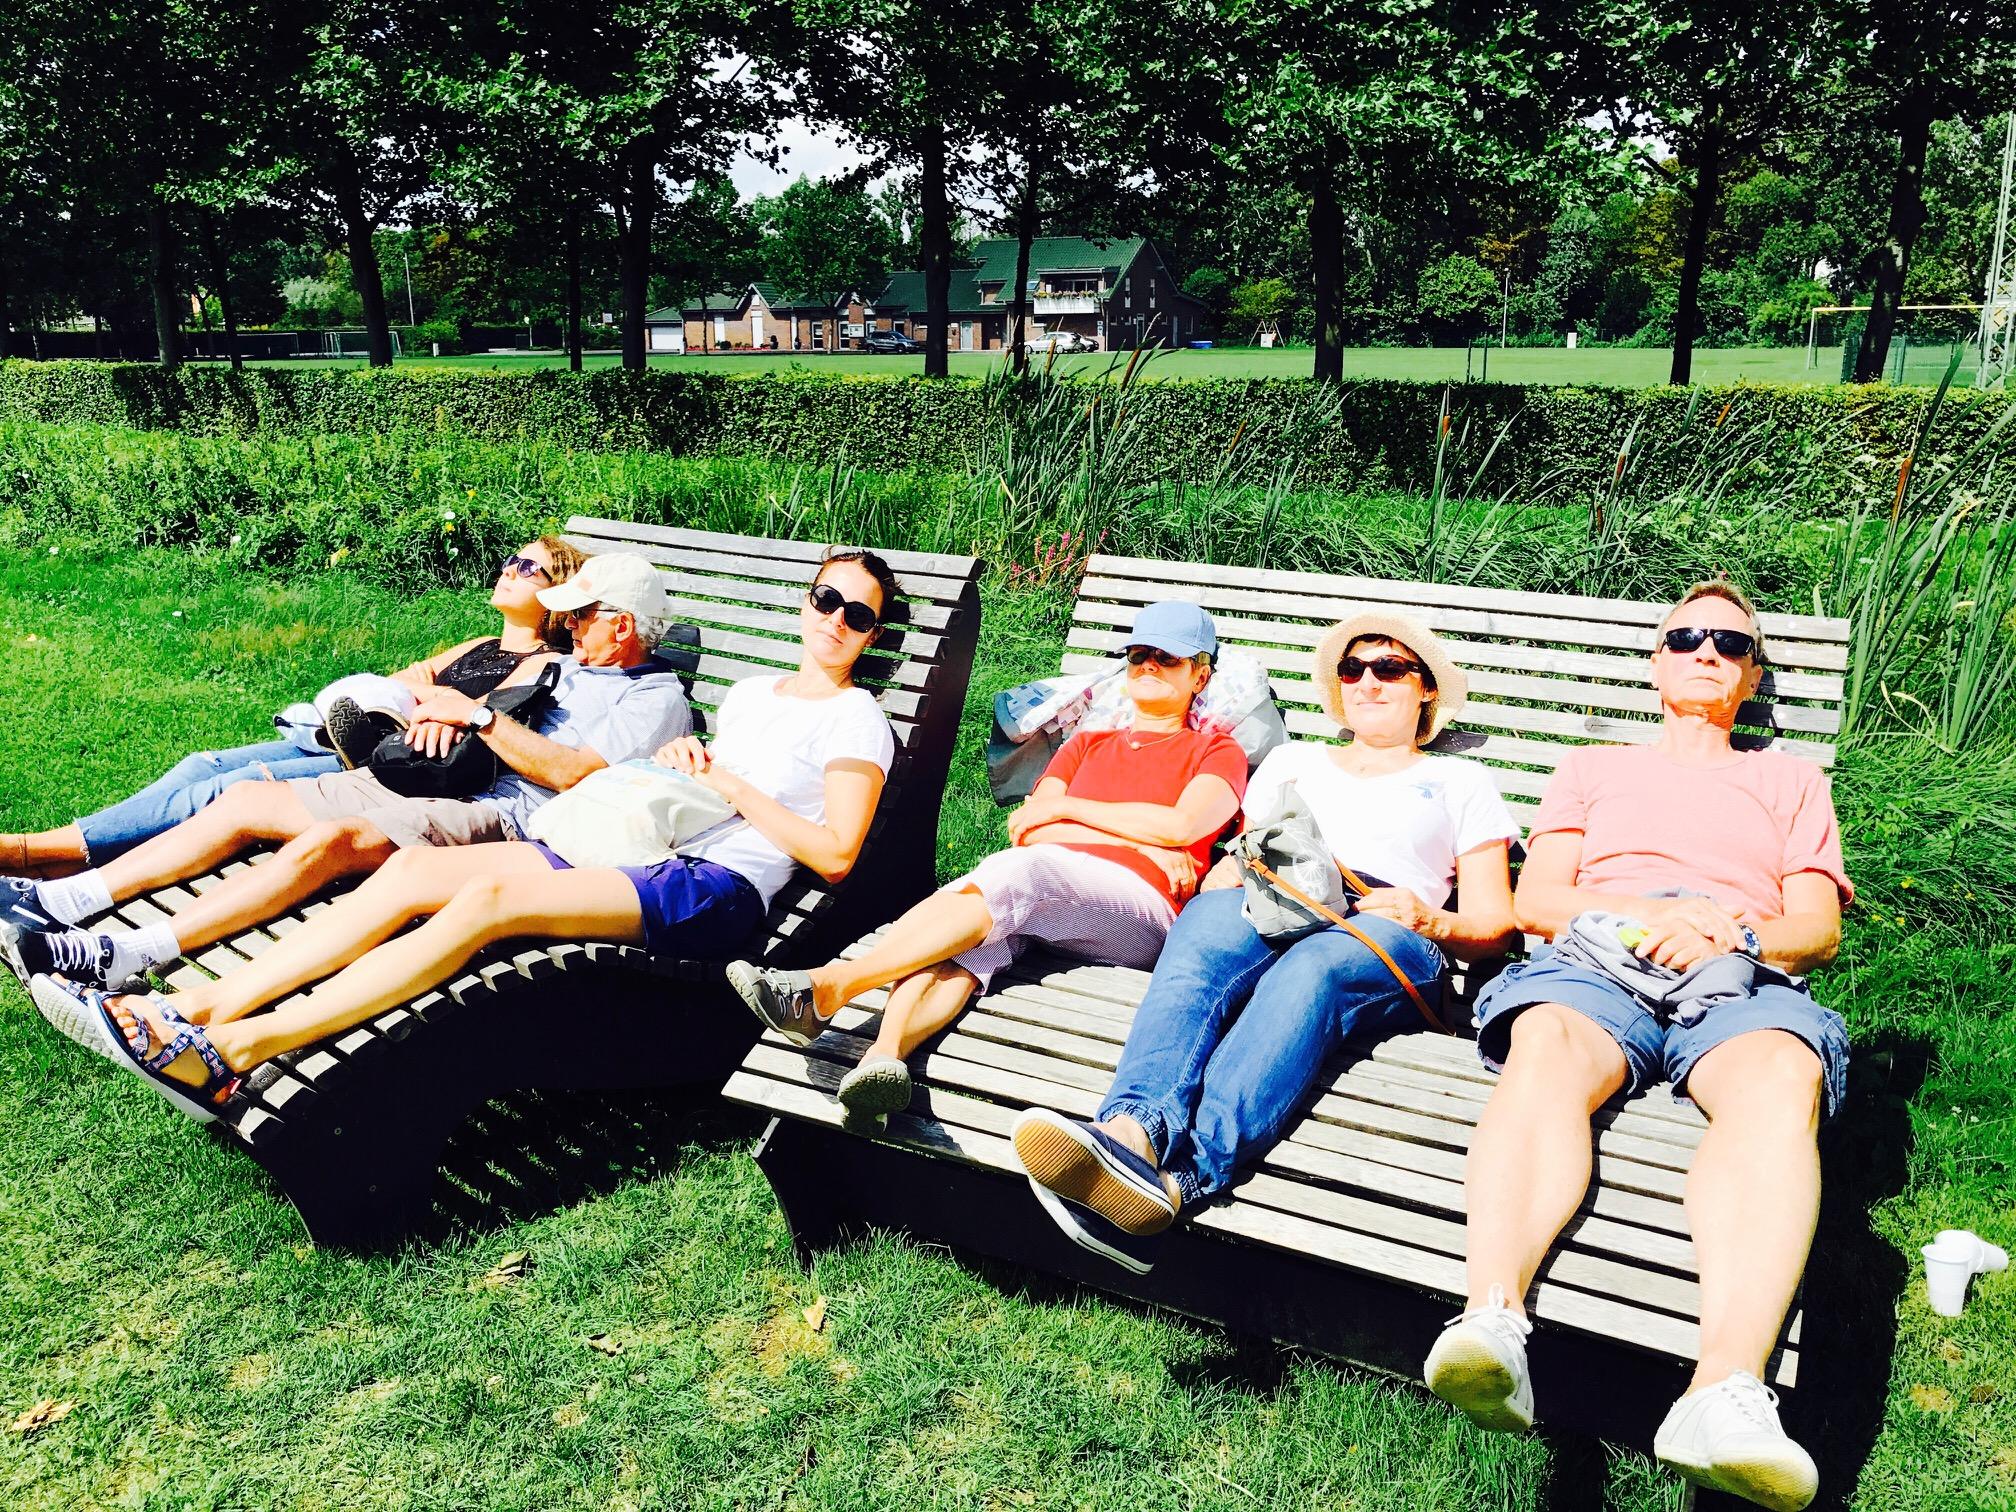 Familien beim Ausruhen auf Holzliegen im Gartenschaupark Rietberg